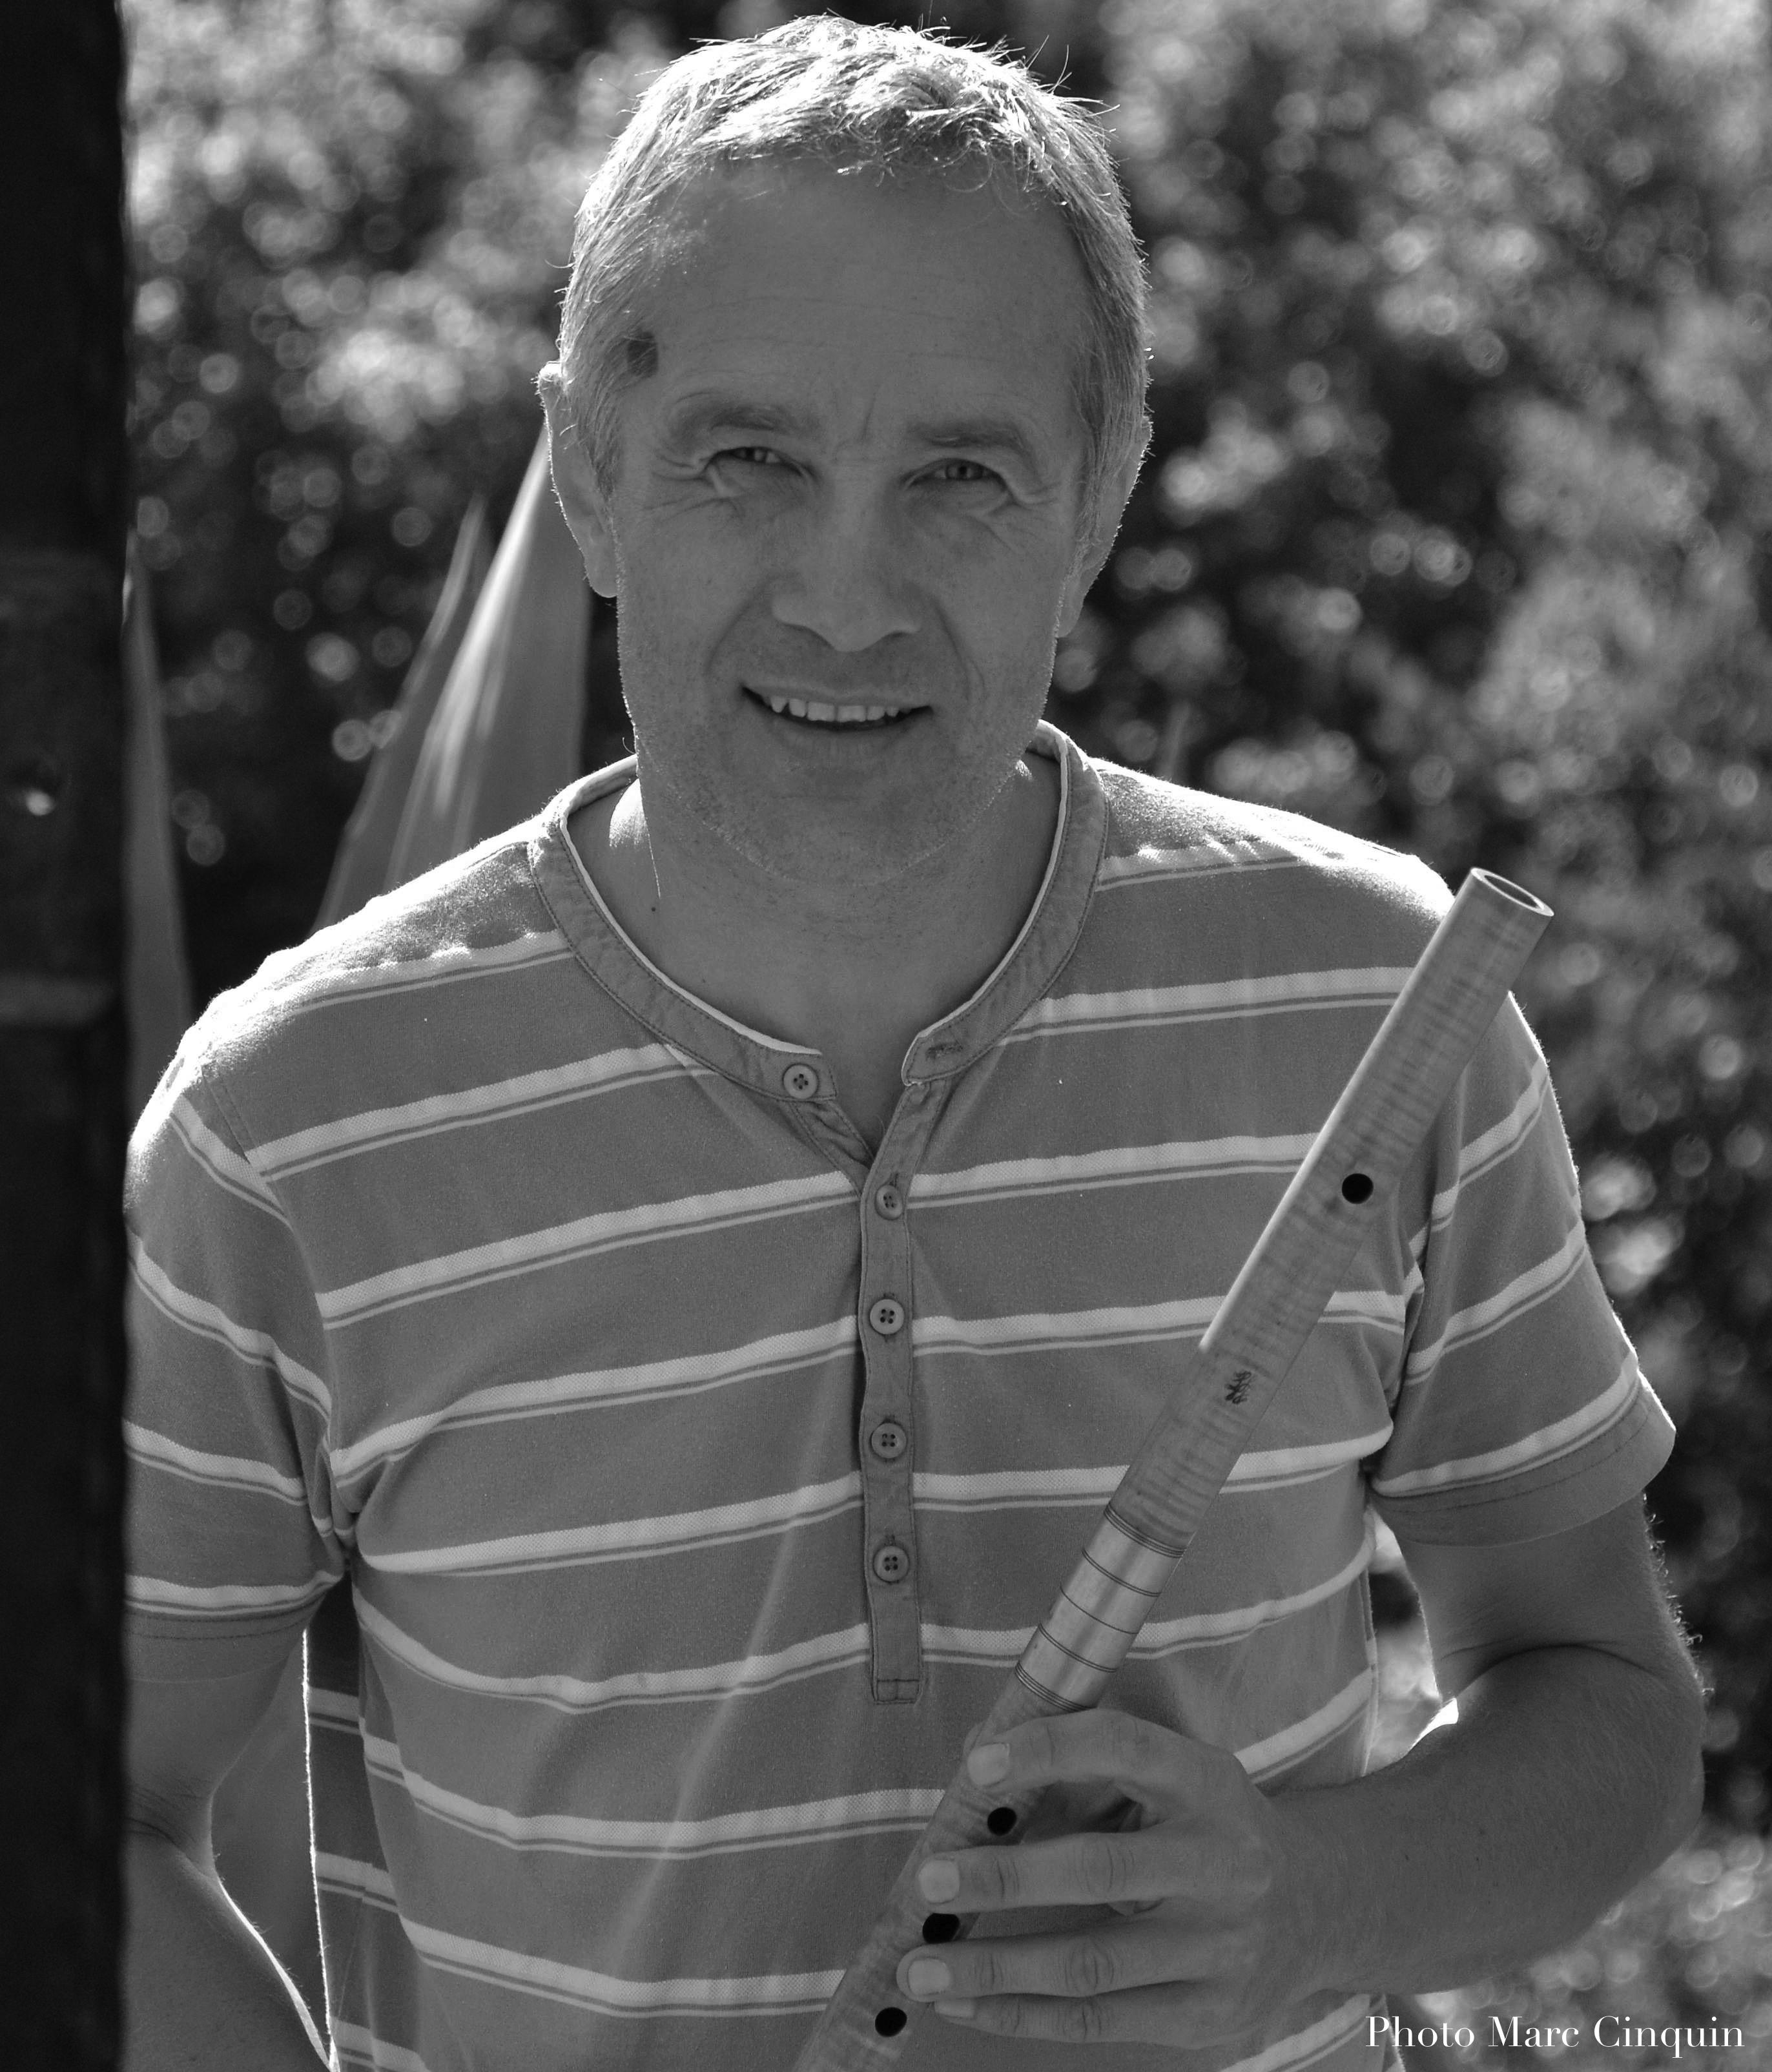 Xavier Janot